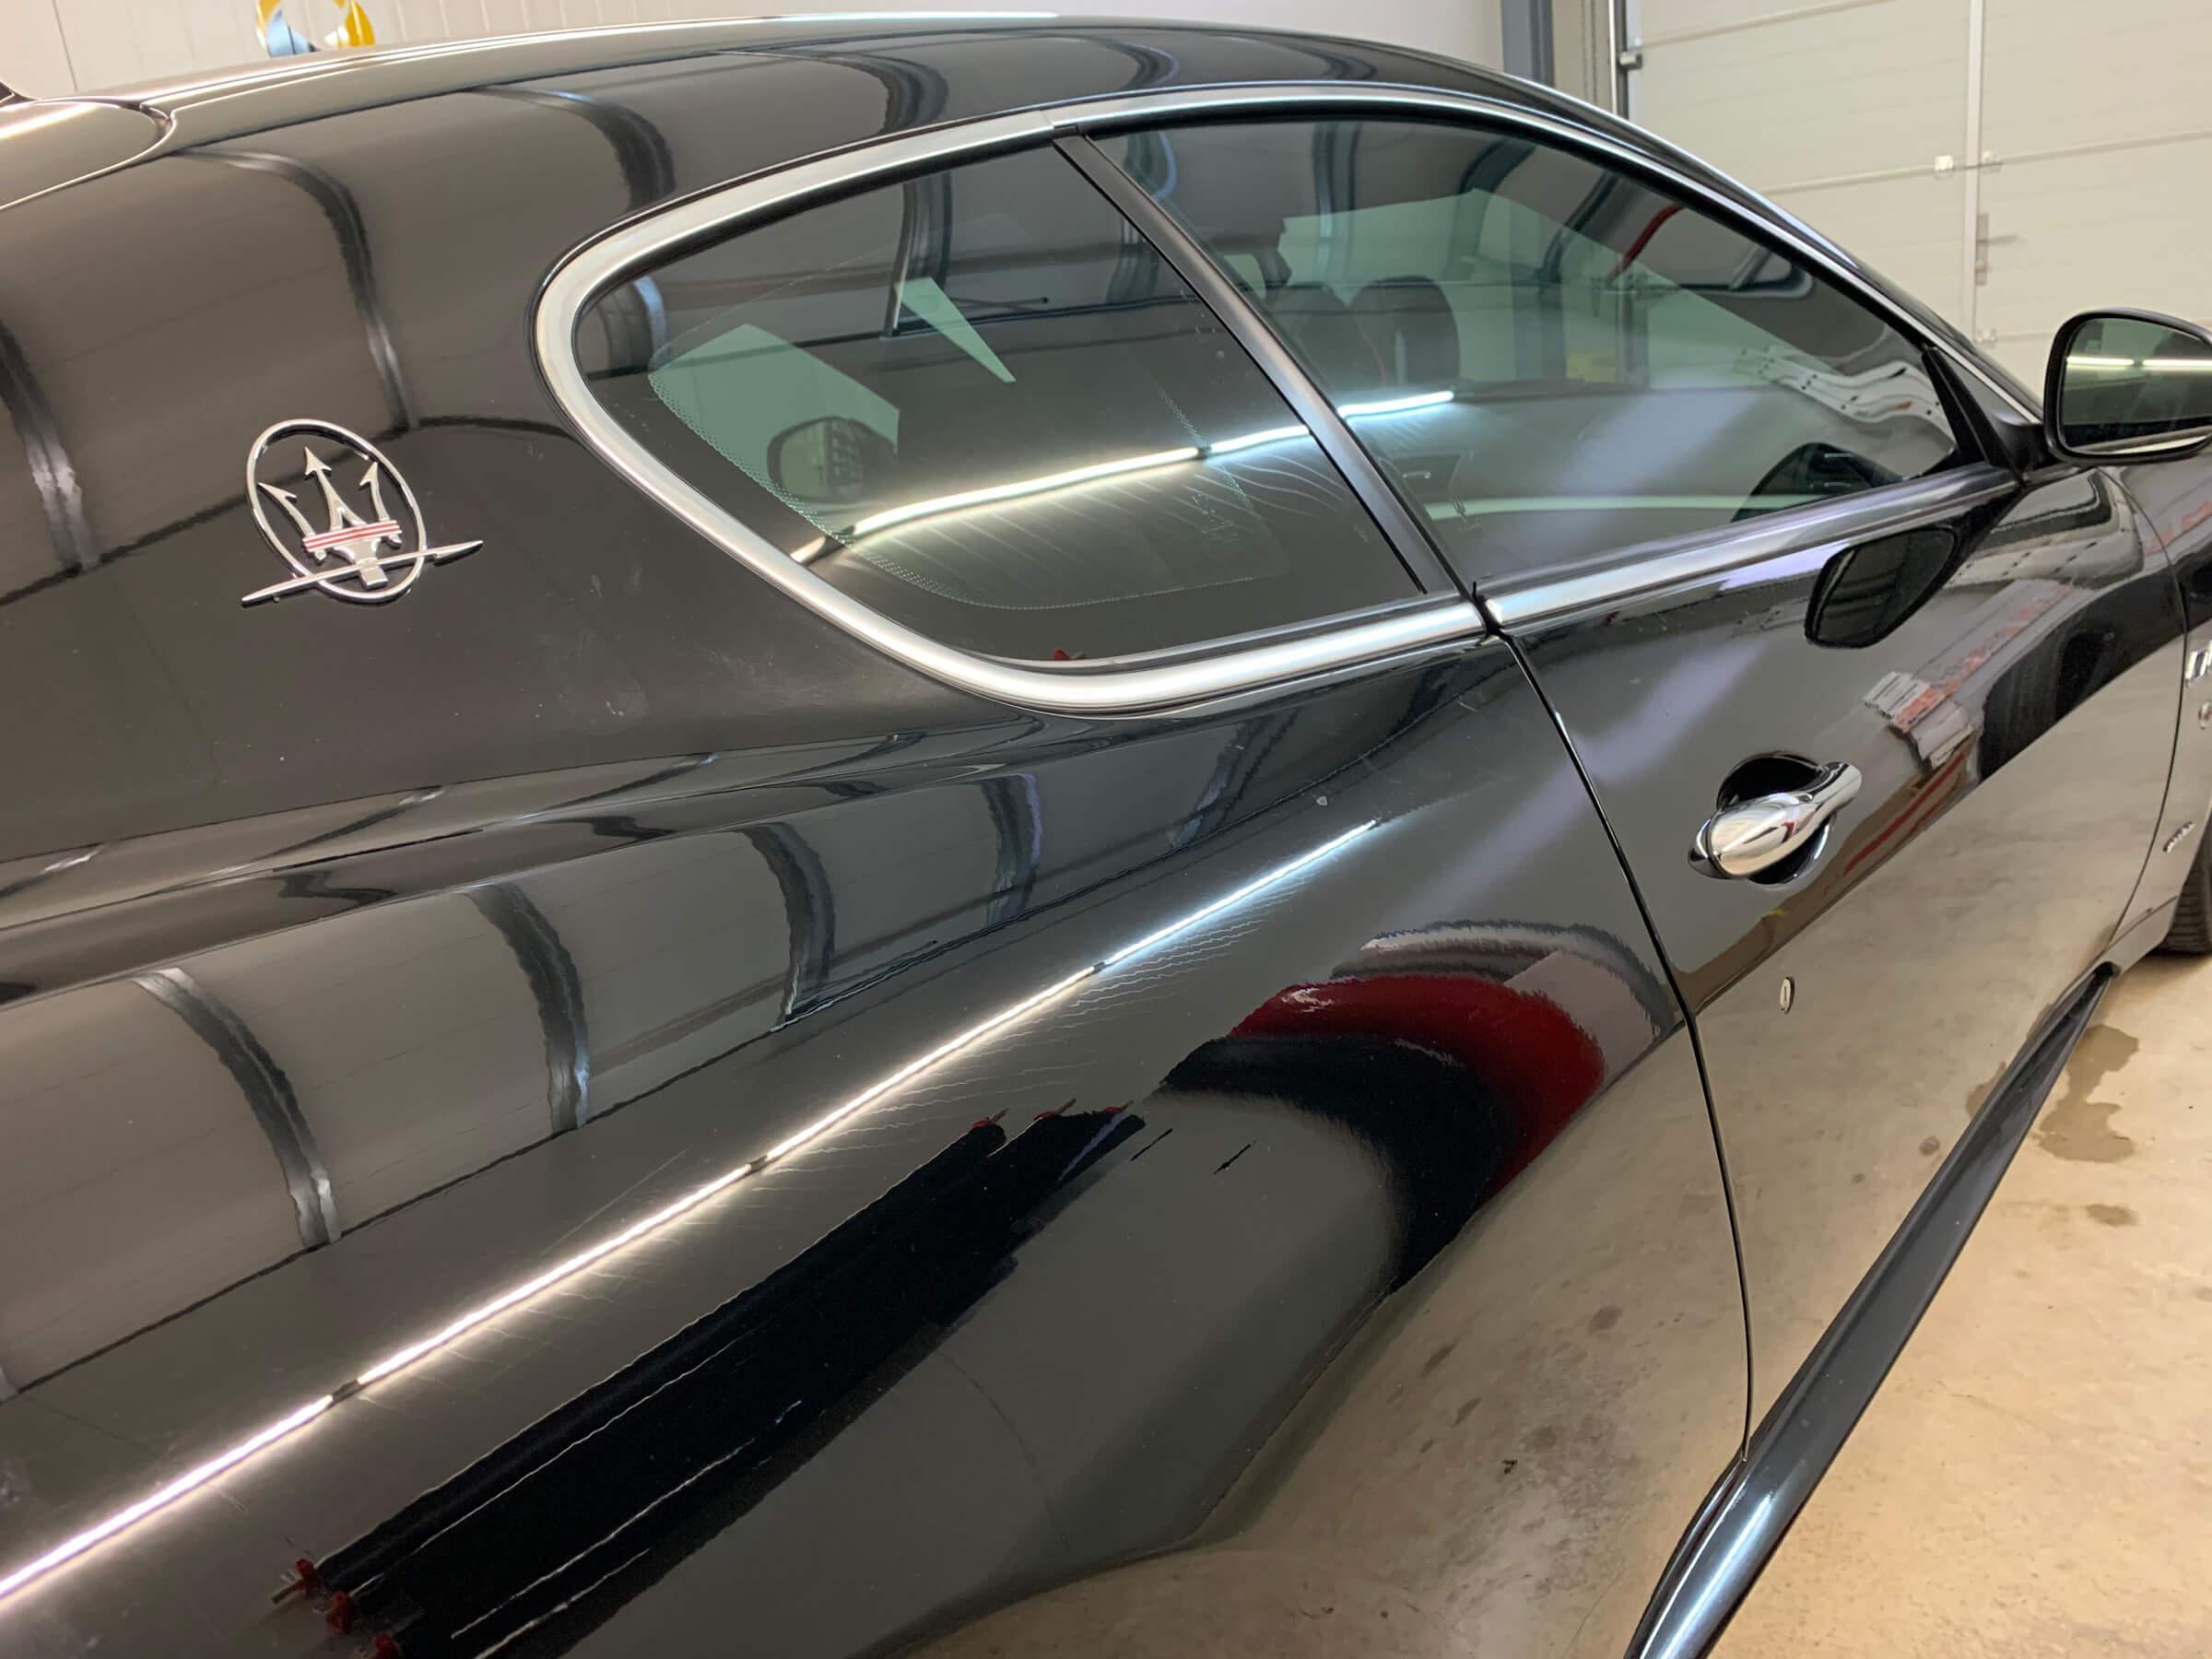 AUtofilms BMW